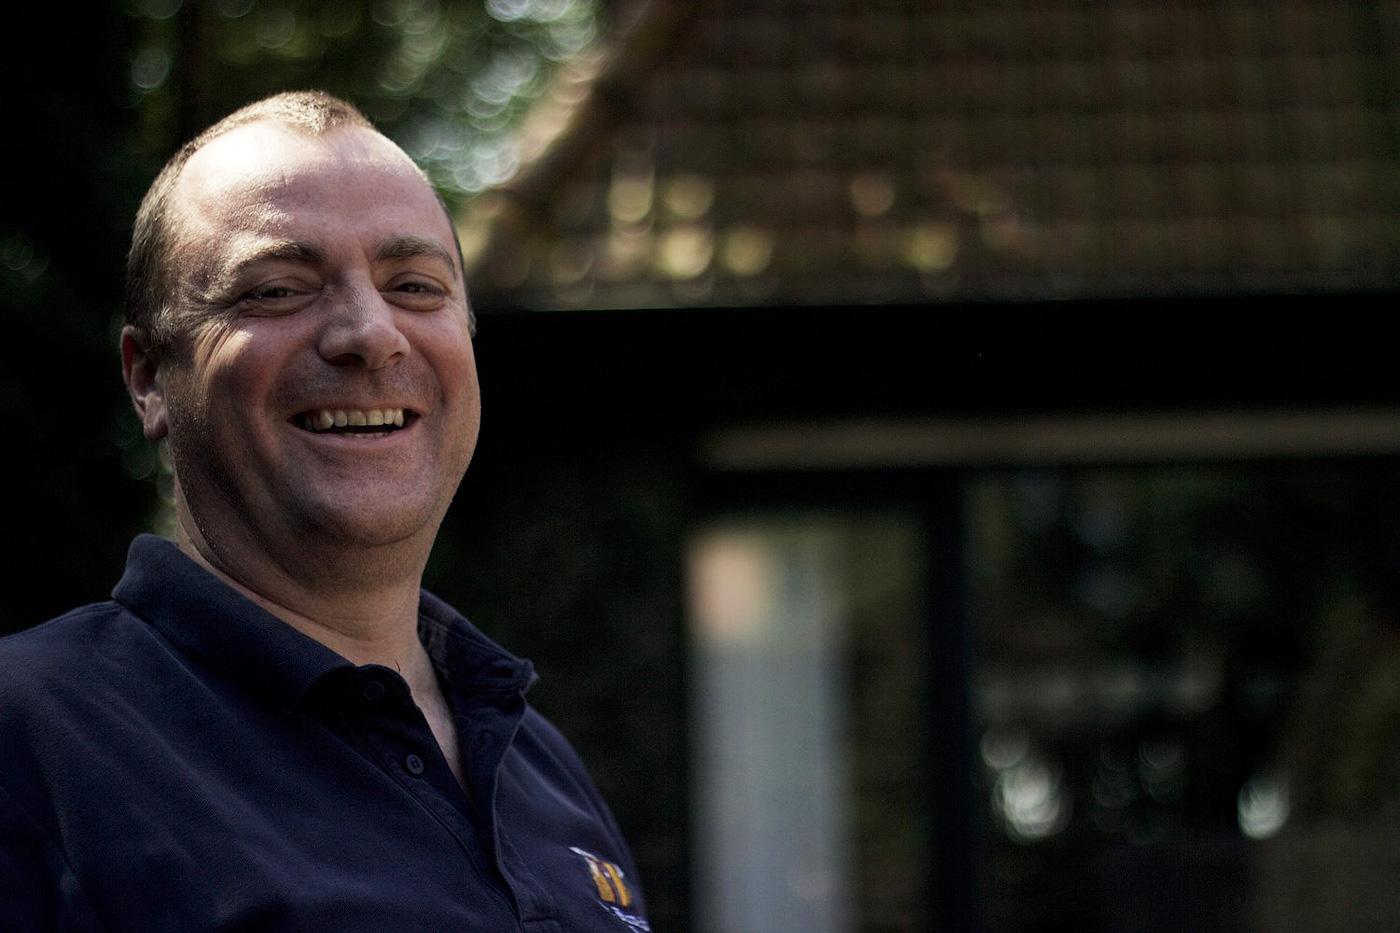 Директор по маркетингу и продажам пивоварни Brouwerij St. Bernardus Марко Пассарелла. Фото: Breandán Kearney